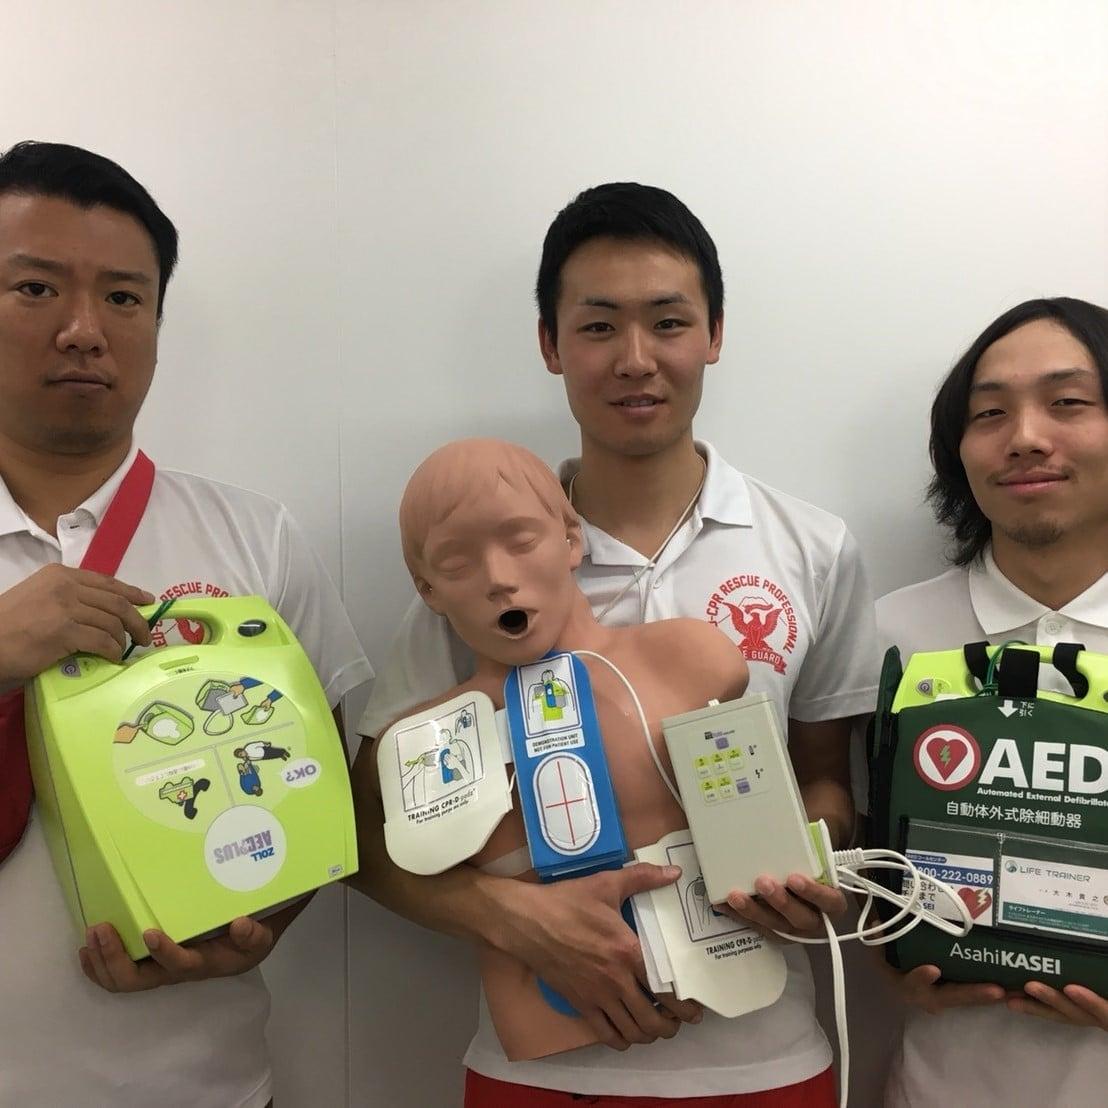 AED設置のための募金 AED基金 月額123円のイメージその5